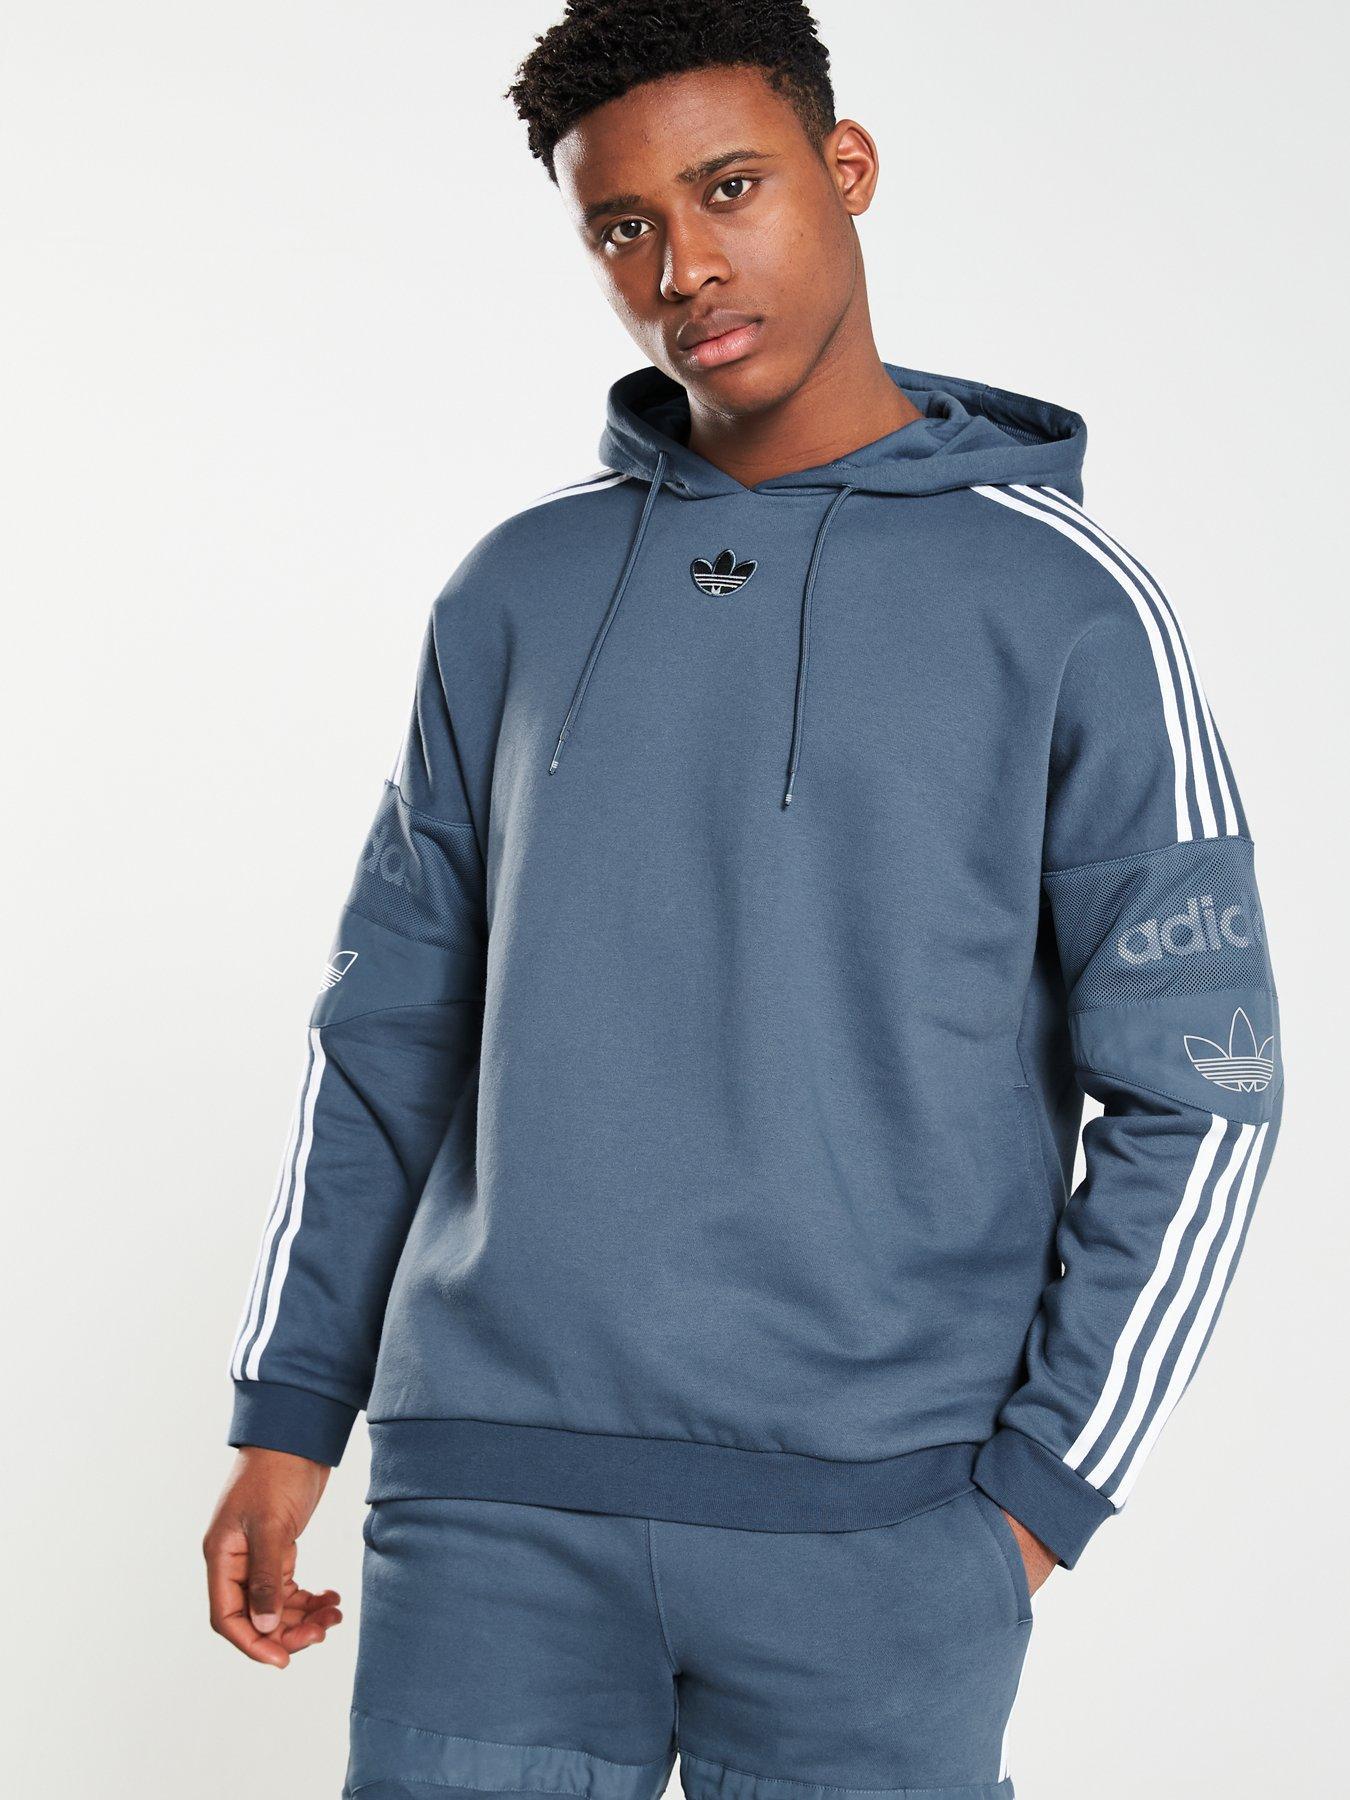 Black | Adidas | Hoodies & sweatshirts | Men | www